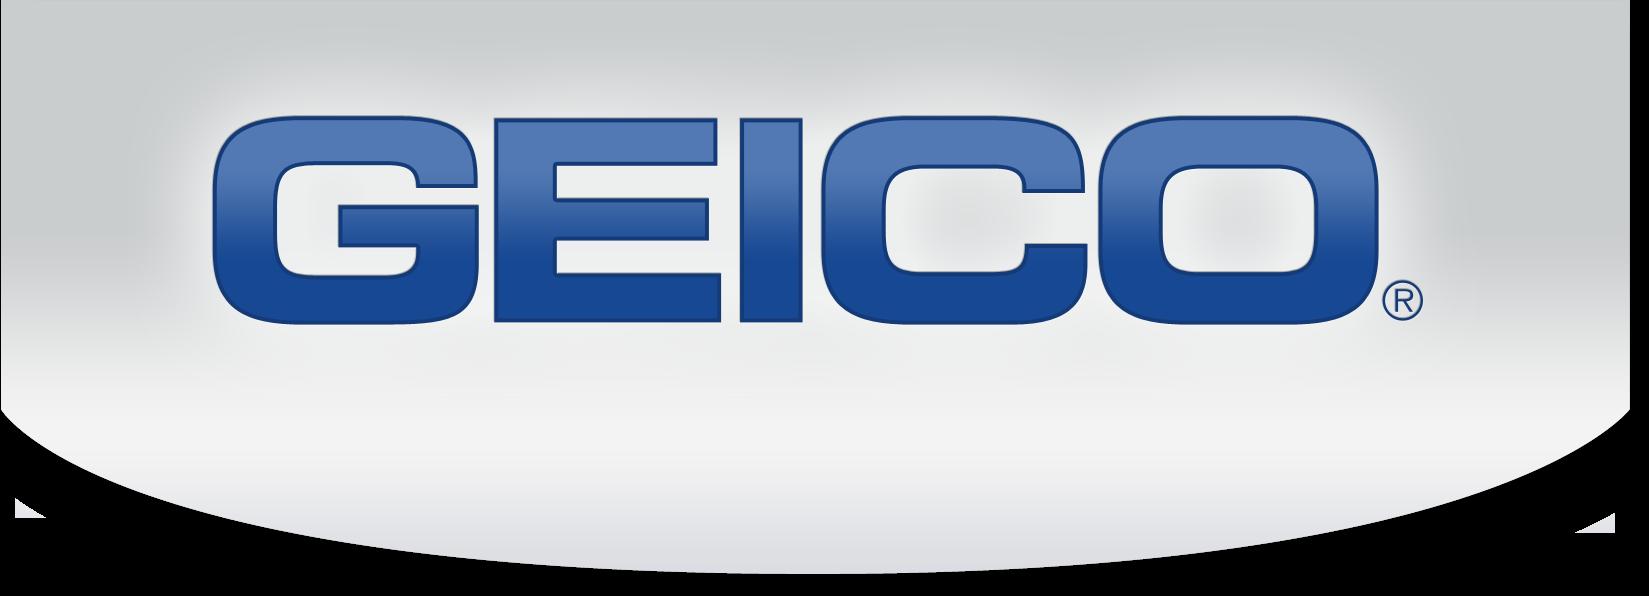 Geico Car Insurance Reviews >> Download Geico Home Insurance Reviews Logos Geico Png